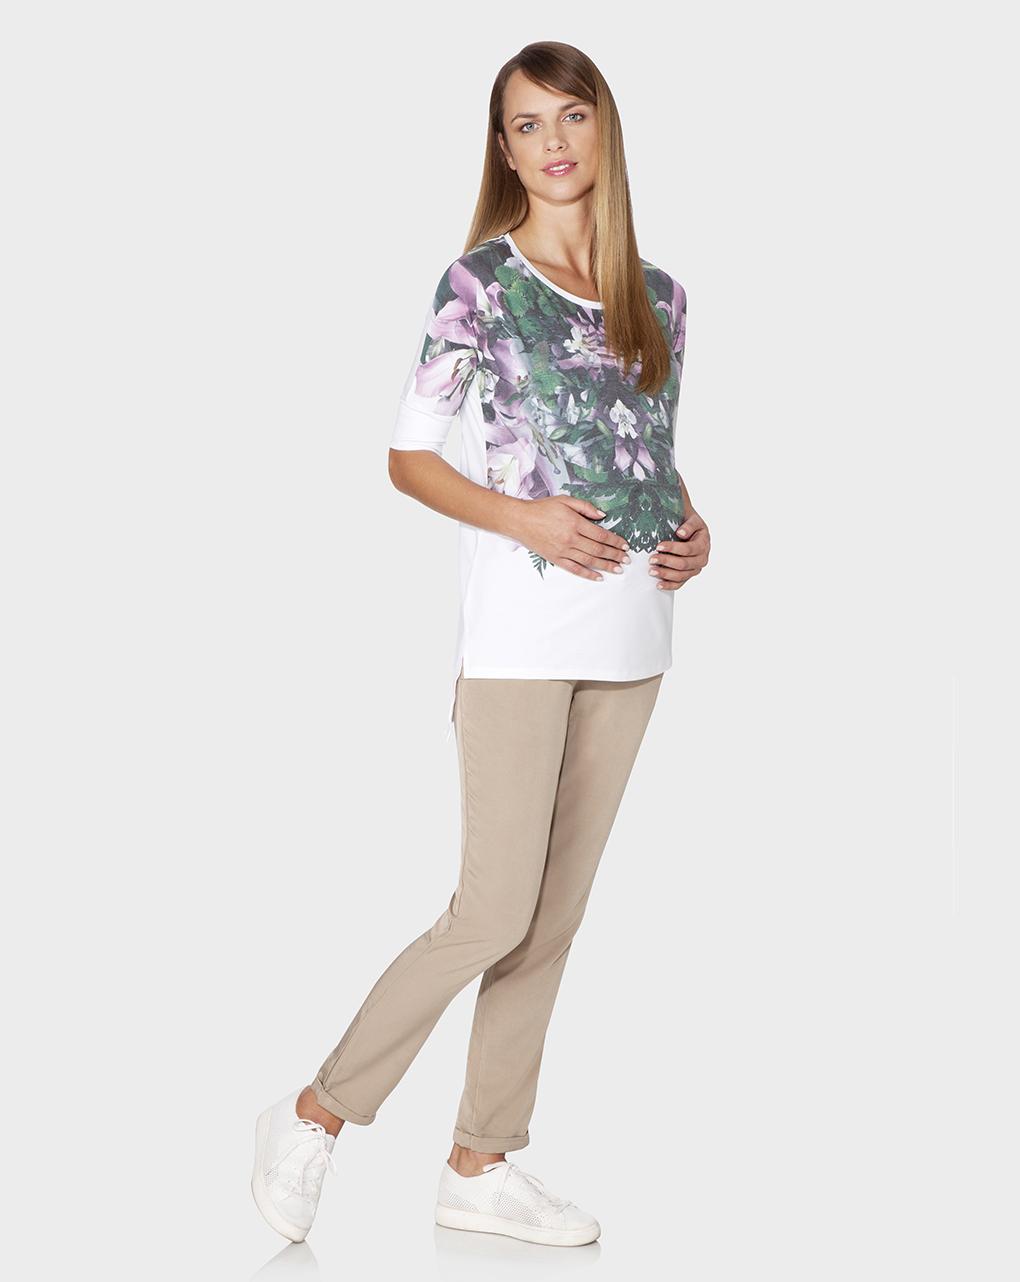 Γυναικείο Παντελόνι Εγκυμοσύνης Ψηλόμεσο Μπεζ